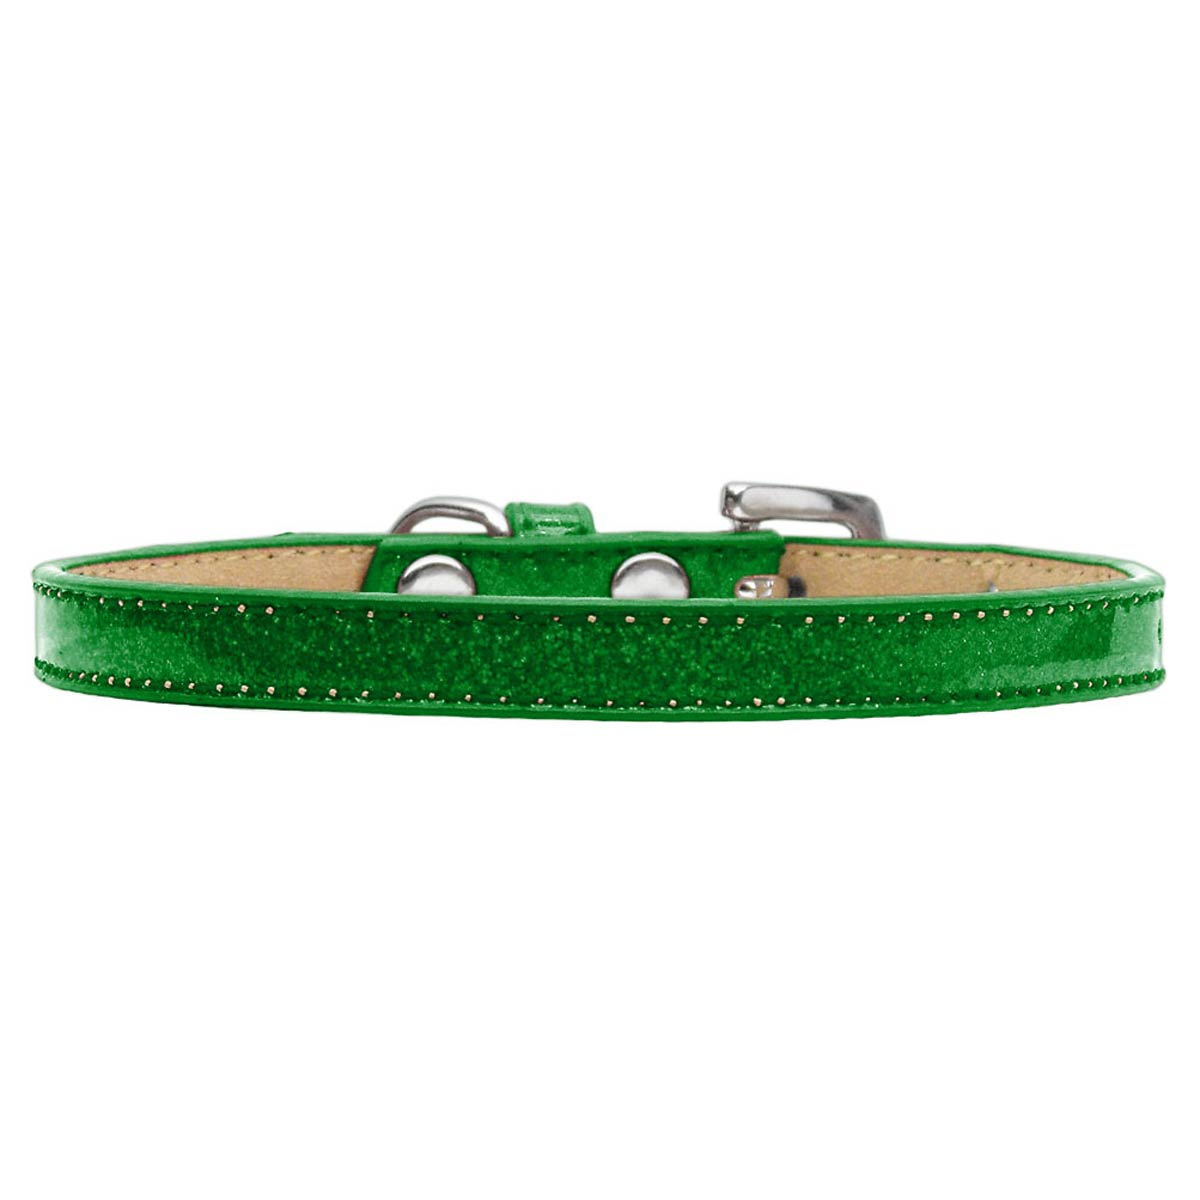 Confetti Ice Cream Dog Collar - Emerald Green